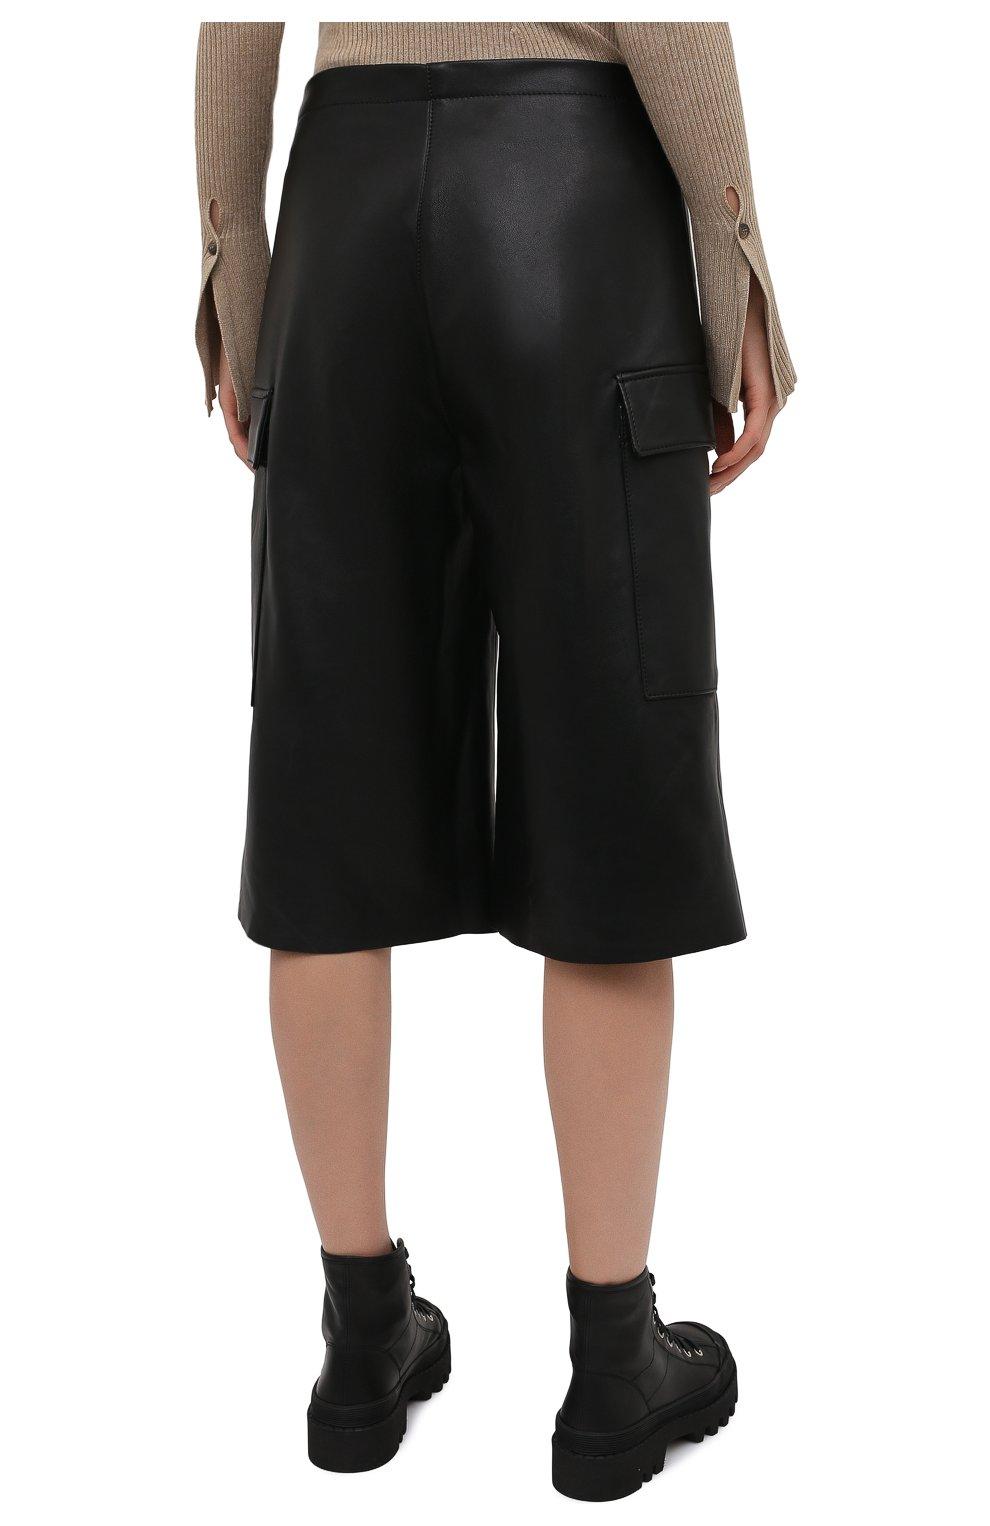 Женские кожаные шорты BATS черного цвета, арт. FW20/S_024 | Фото 4 (Женское Кросс-КТ: Шорты-одежда; Стили: Гламурный; Материал внешний: Синтетический материал; Кросс-КТ: Широкие; Длина Ж (юбки, платья, шорты): До колена; Материал подклада: Вискоза)